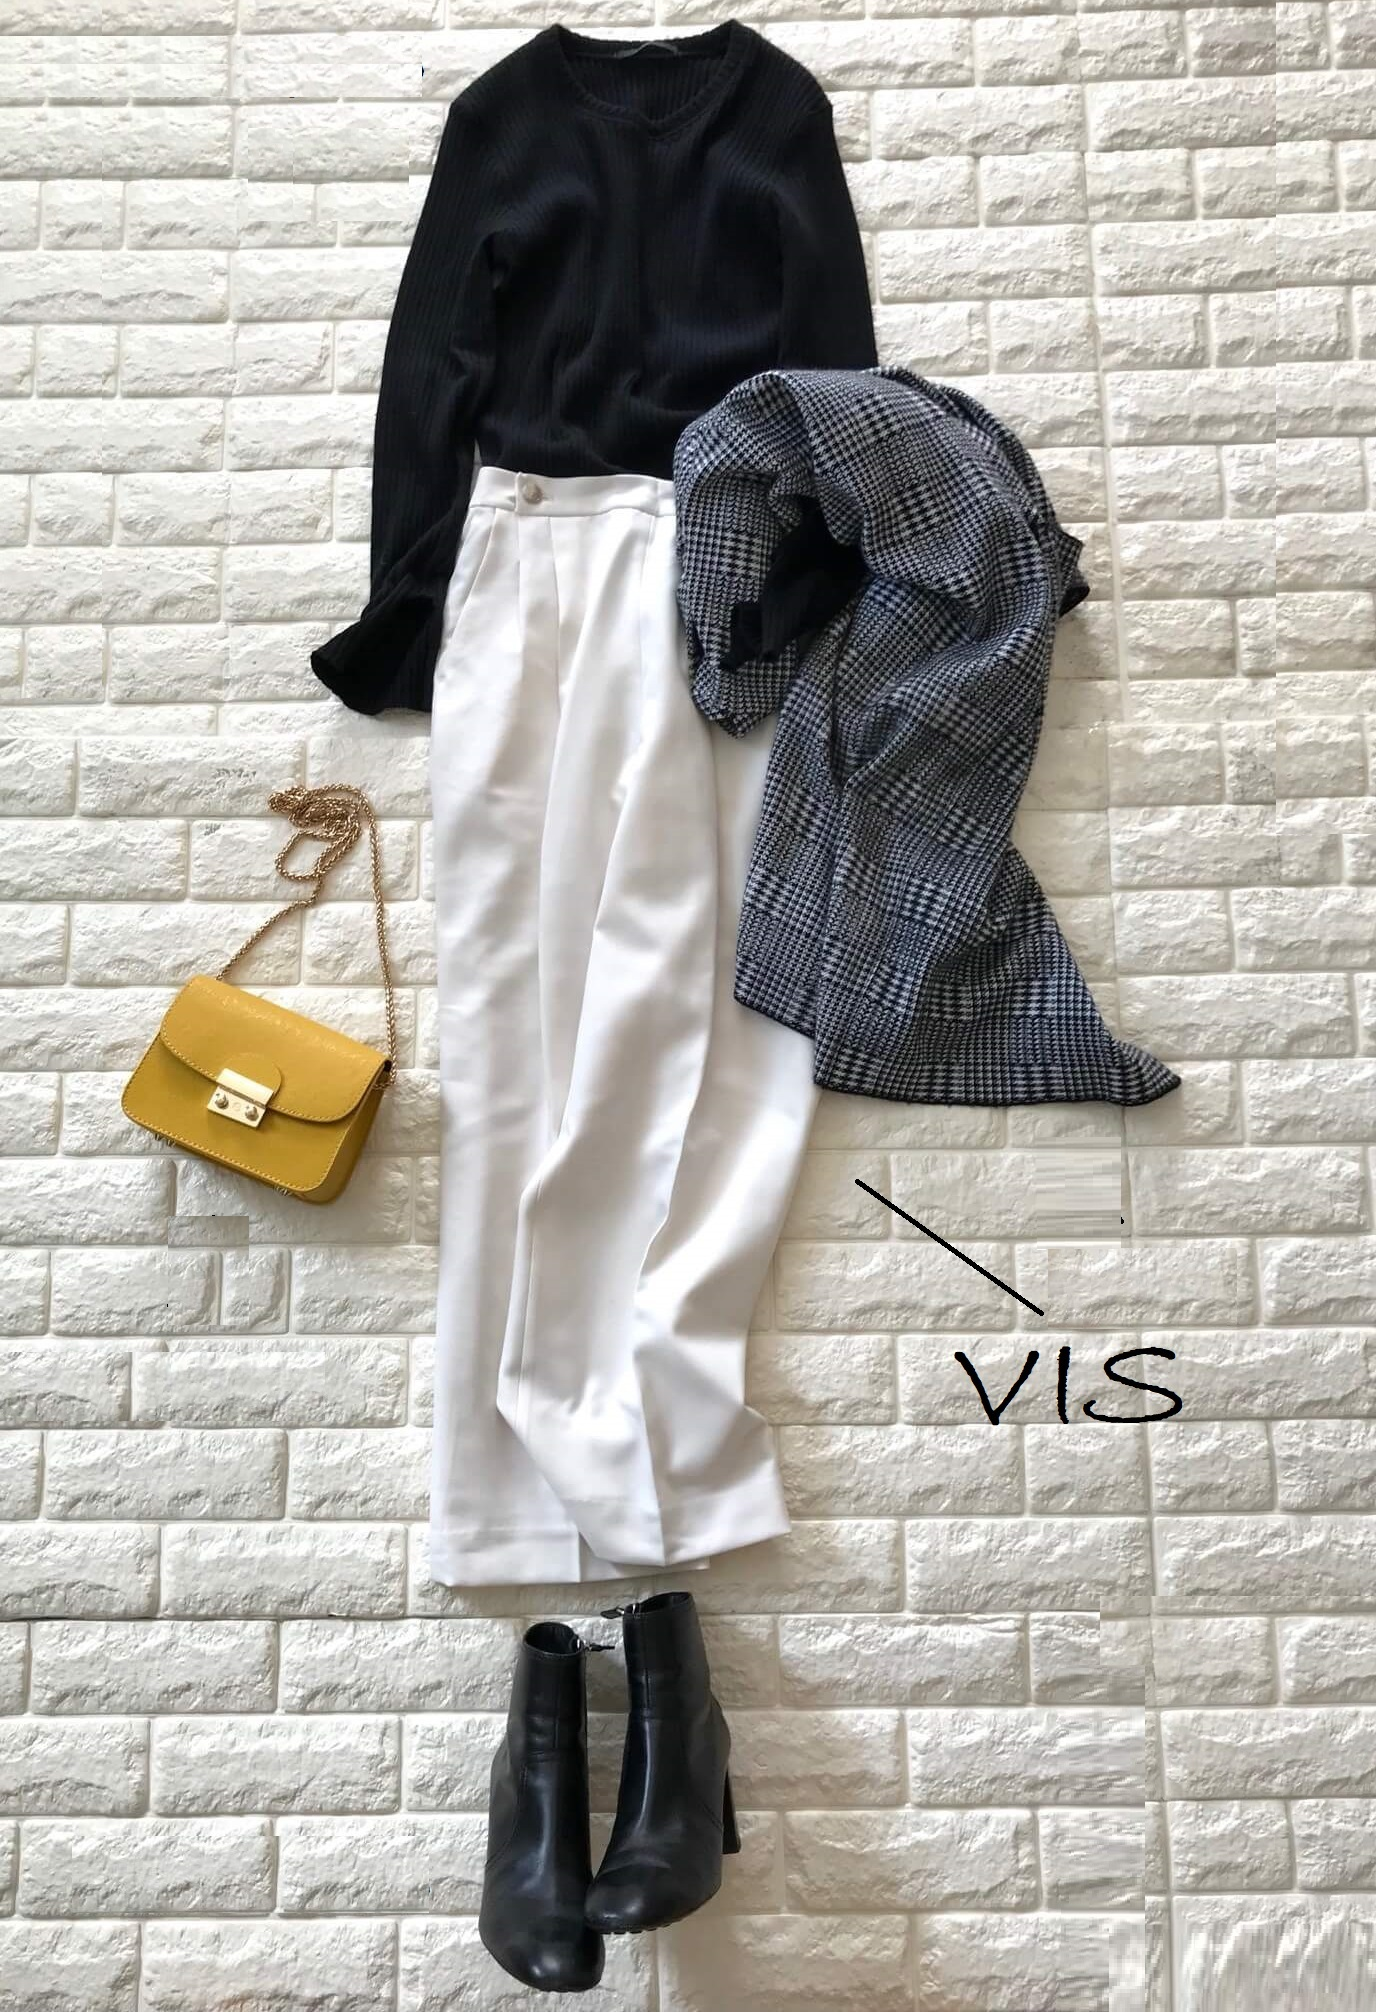 VISの白いパンツを使ったコーデ画像